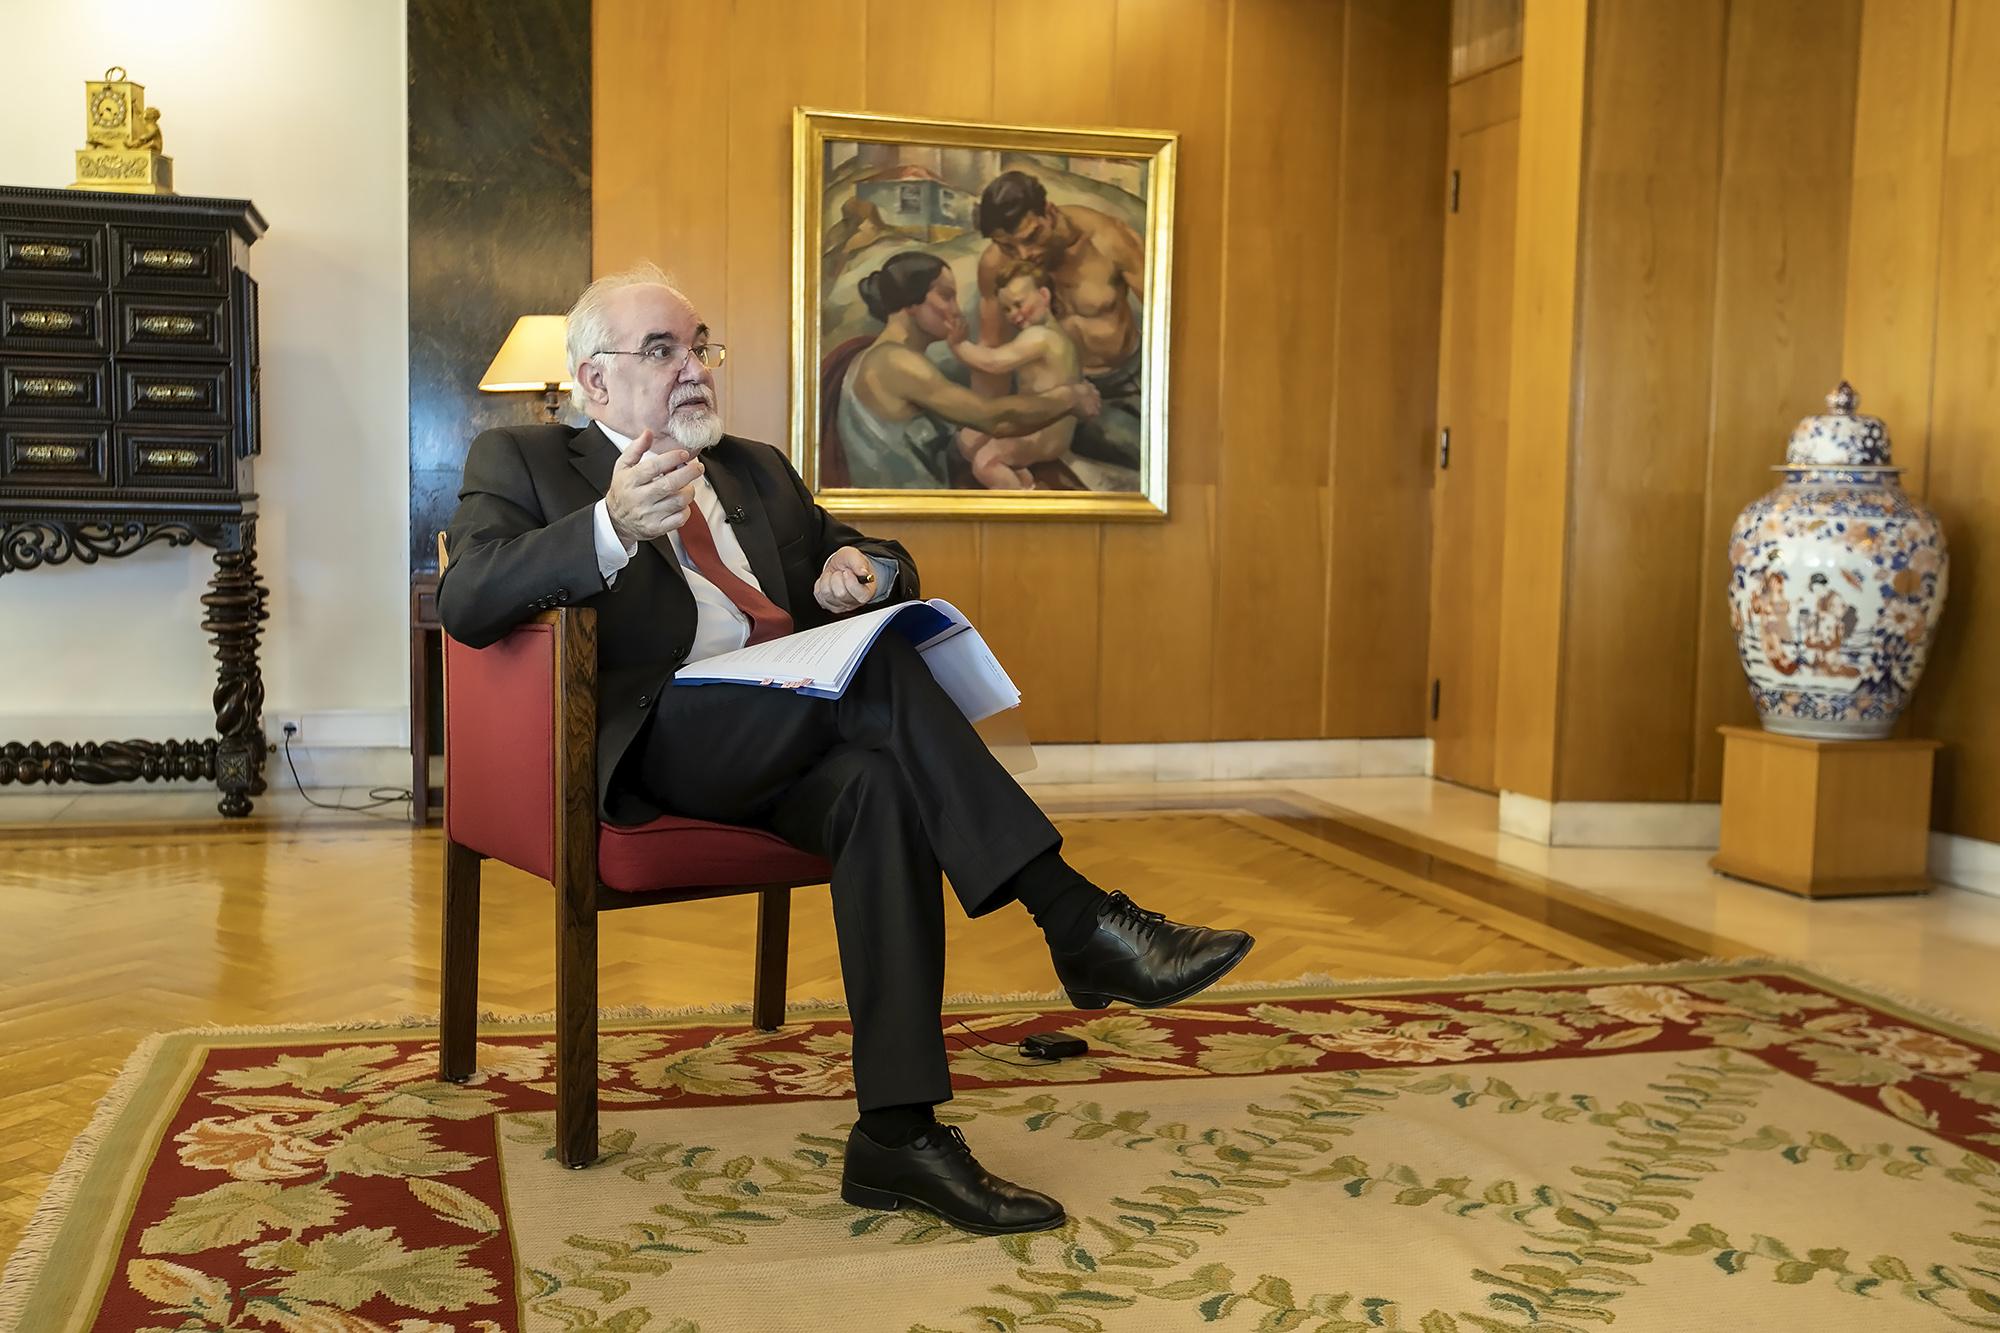 José Vieira da Silva, Ministro do Trabalho, Solidariedade e Segurança Social, em entrevista ao ECO - 30SET19